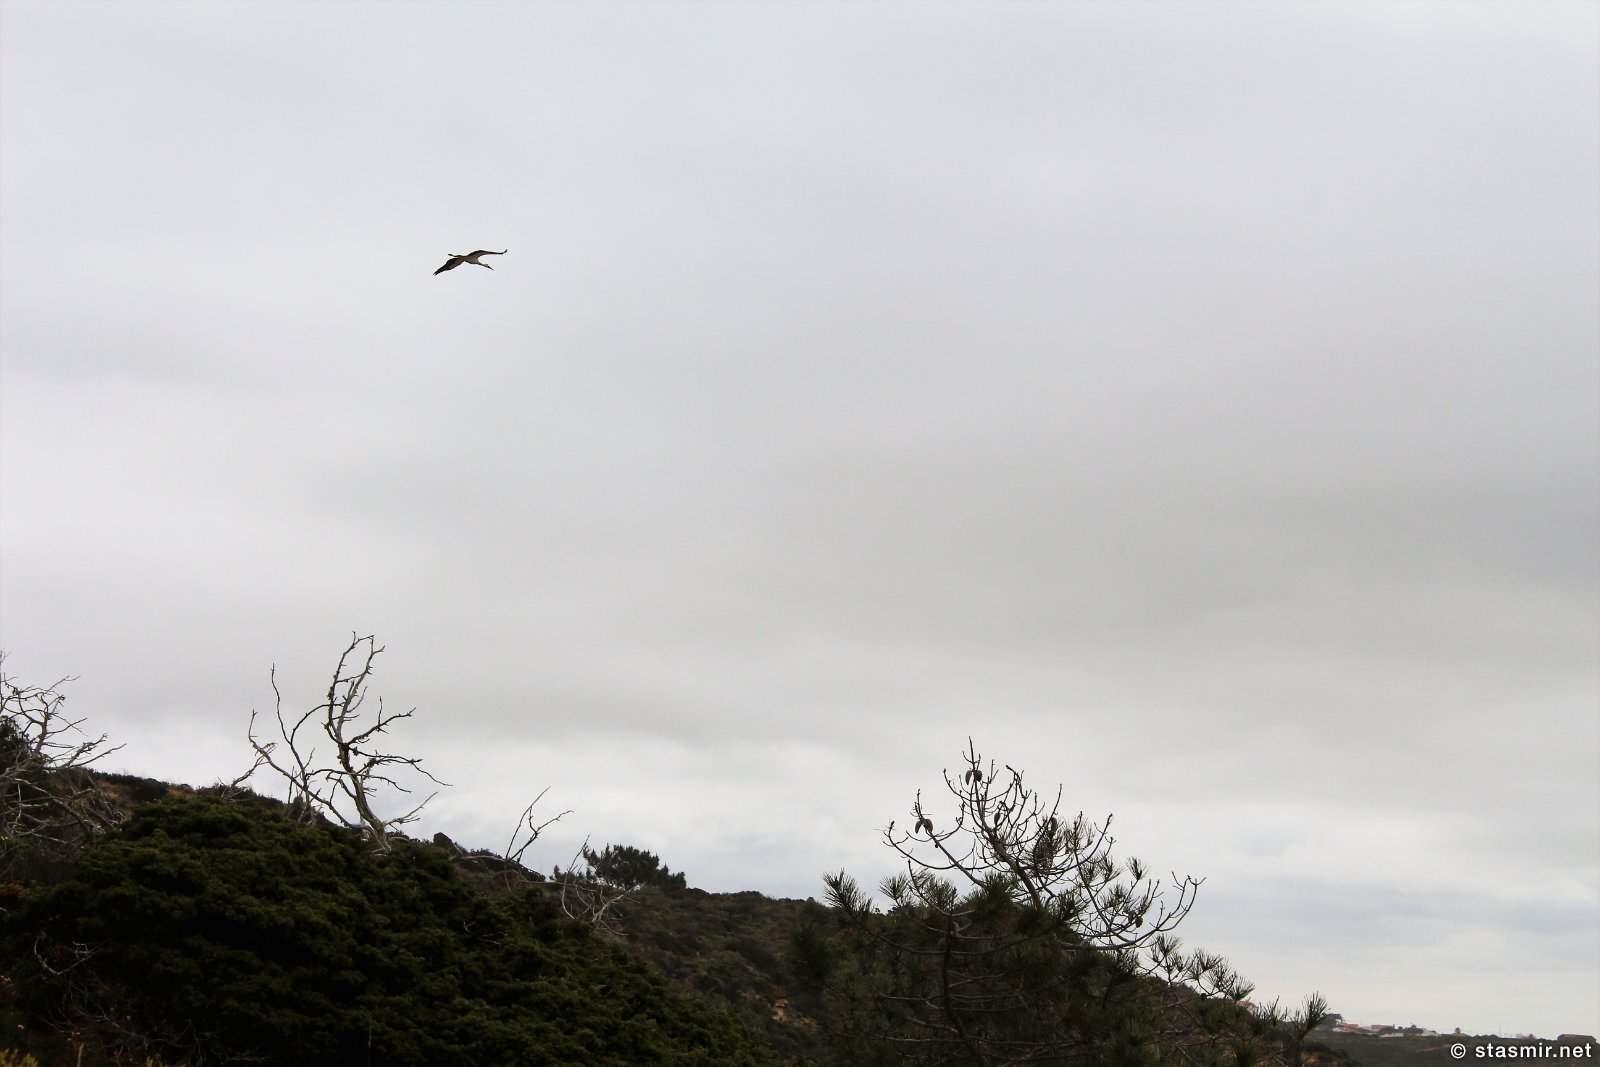 аист летит над Коштой Висентиной, Алгарве, Португалия, фото Стасмир, photo Stasmir